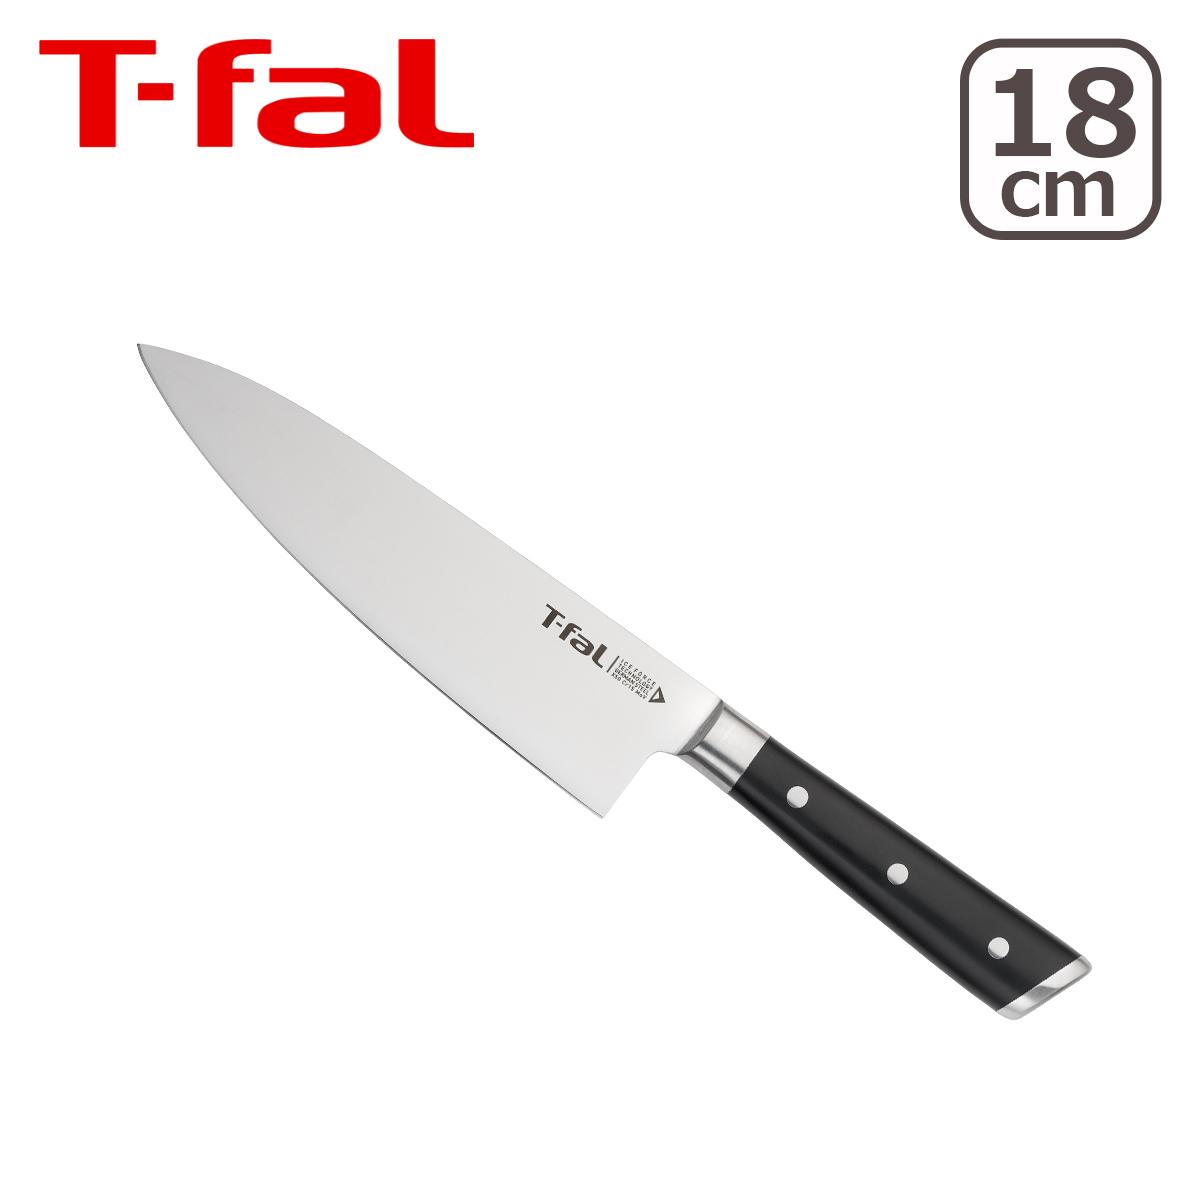 ティファール T-fal アイスフォース シェフナイフ 18cm K24201 包丁 北海道・沖縄は別途962円加算